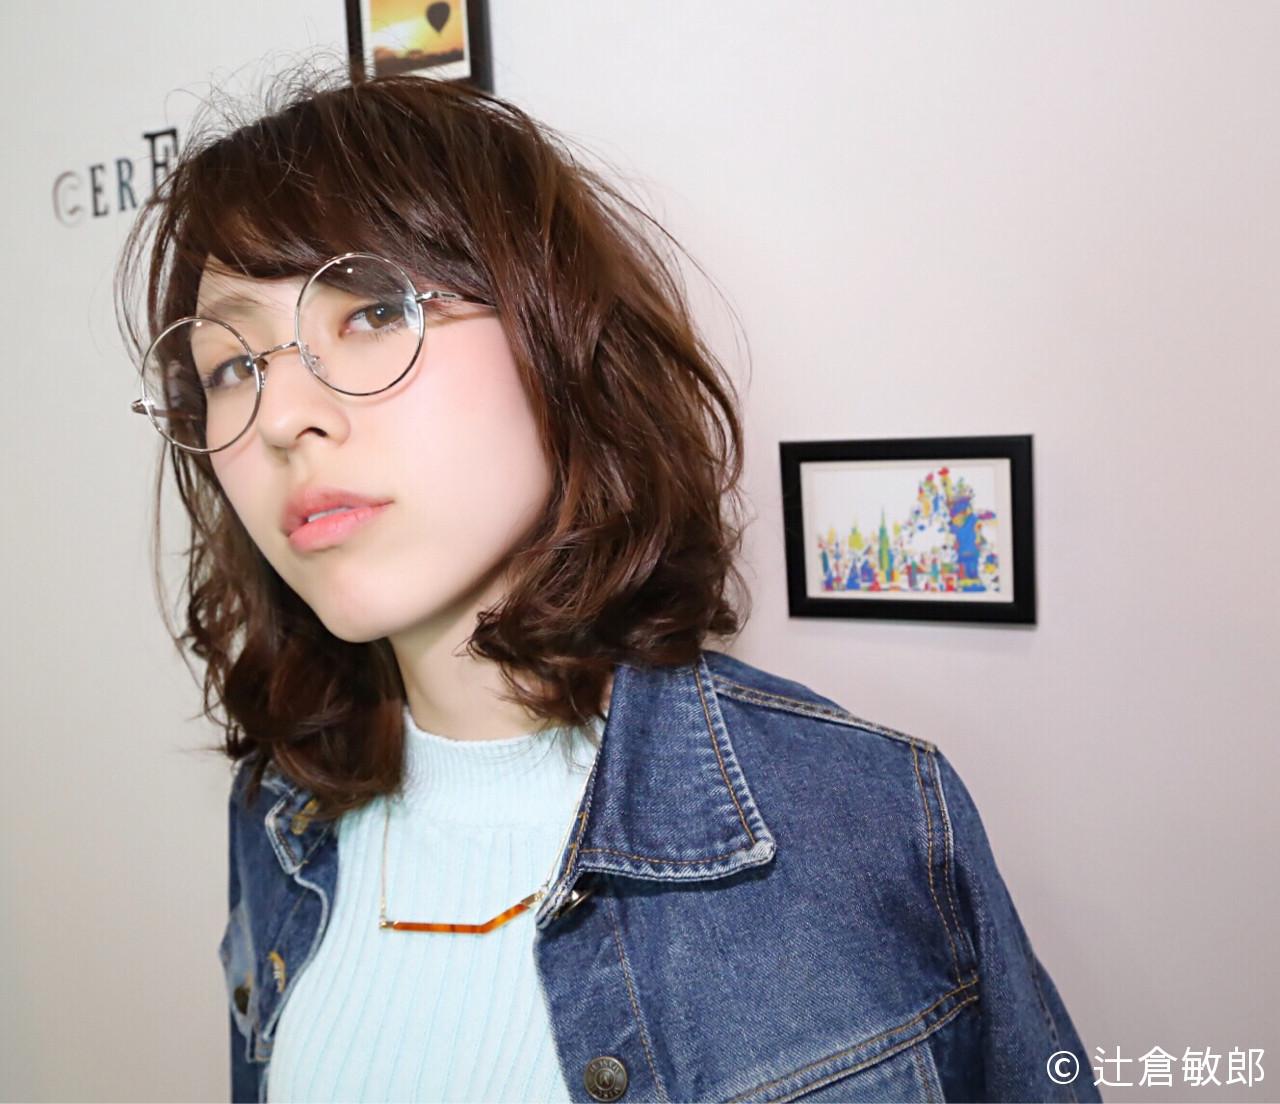 ミディアム ブラウン ストリート ハイライト ヘアスタイルや髪型の写真・画像 | 辻倉敏郎 / La-Coeur